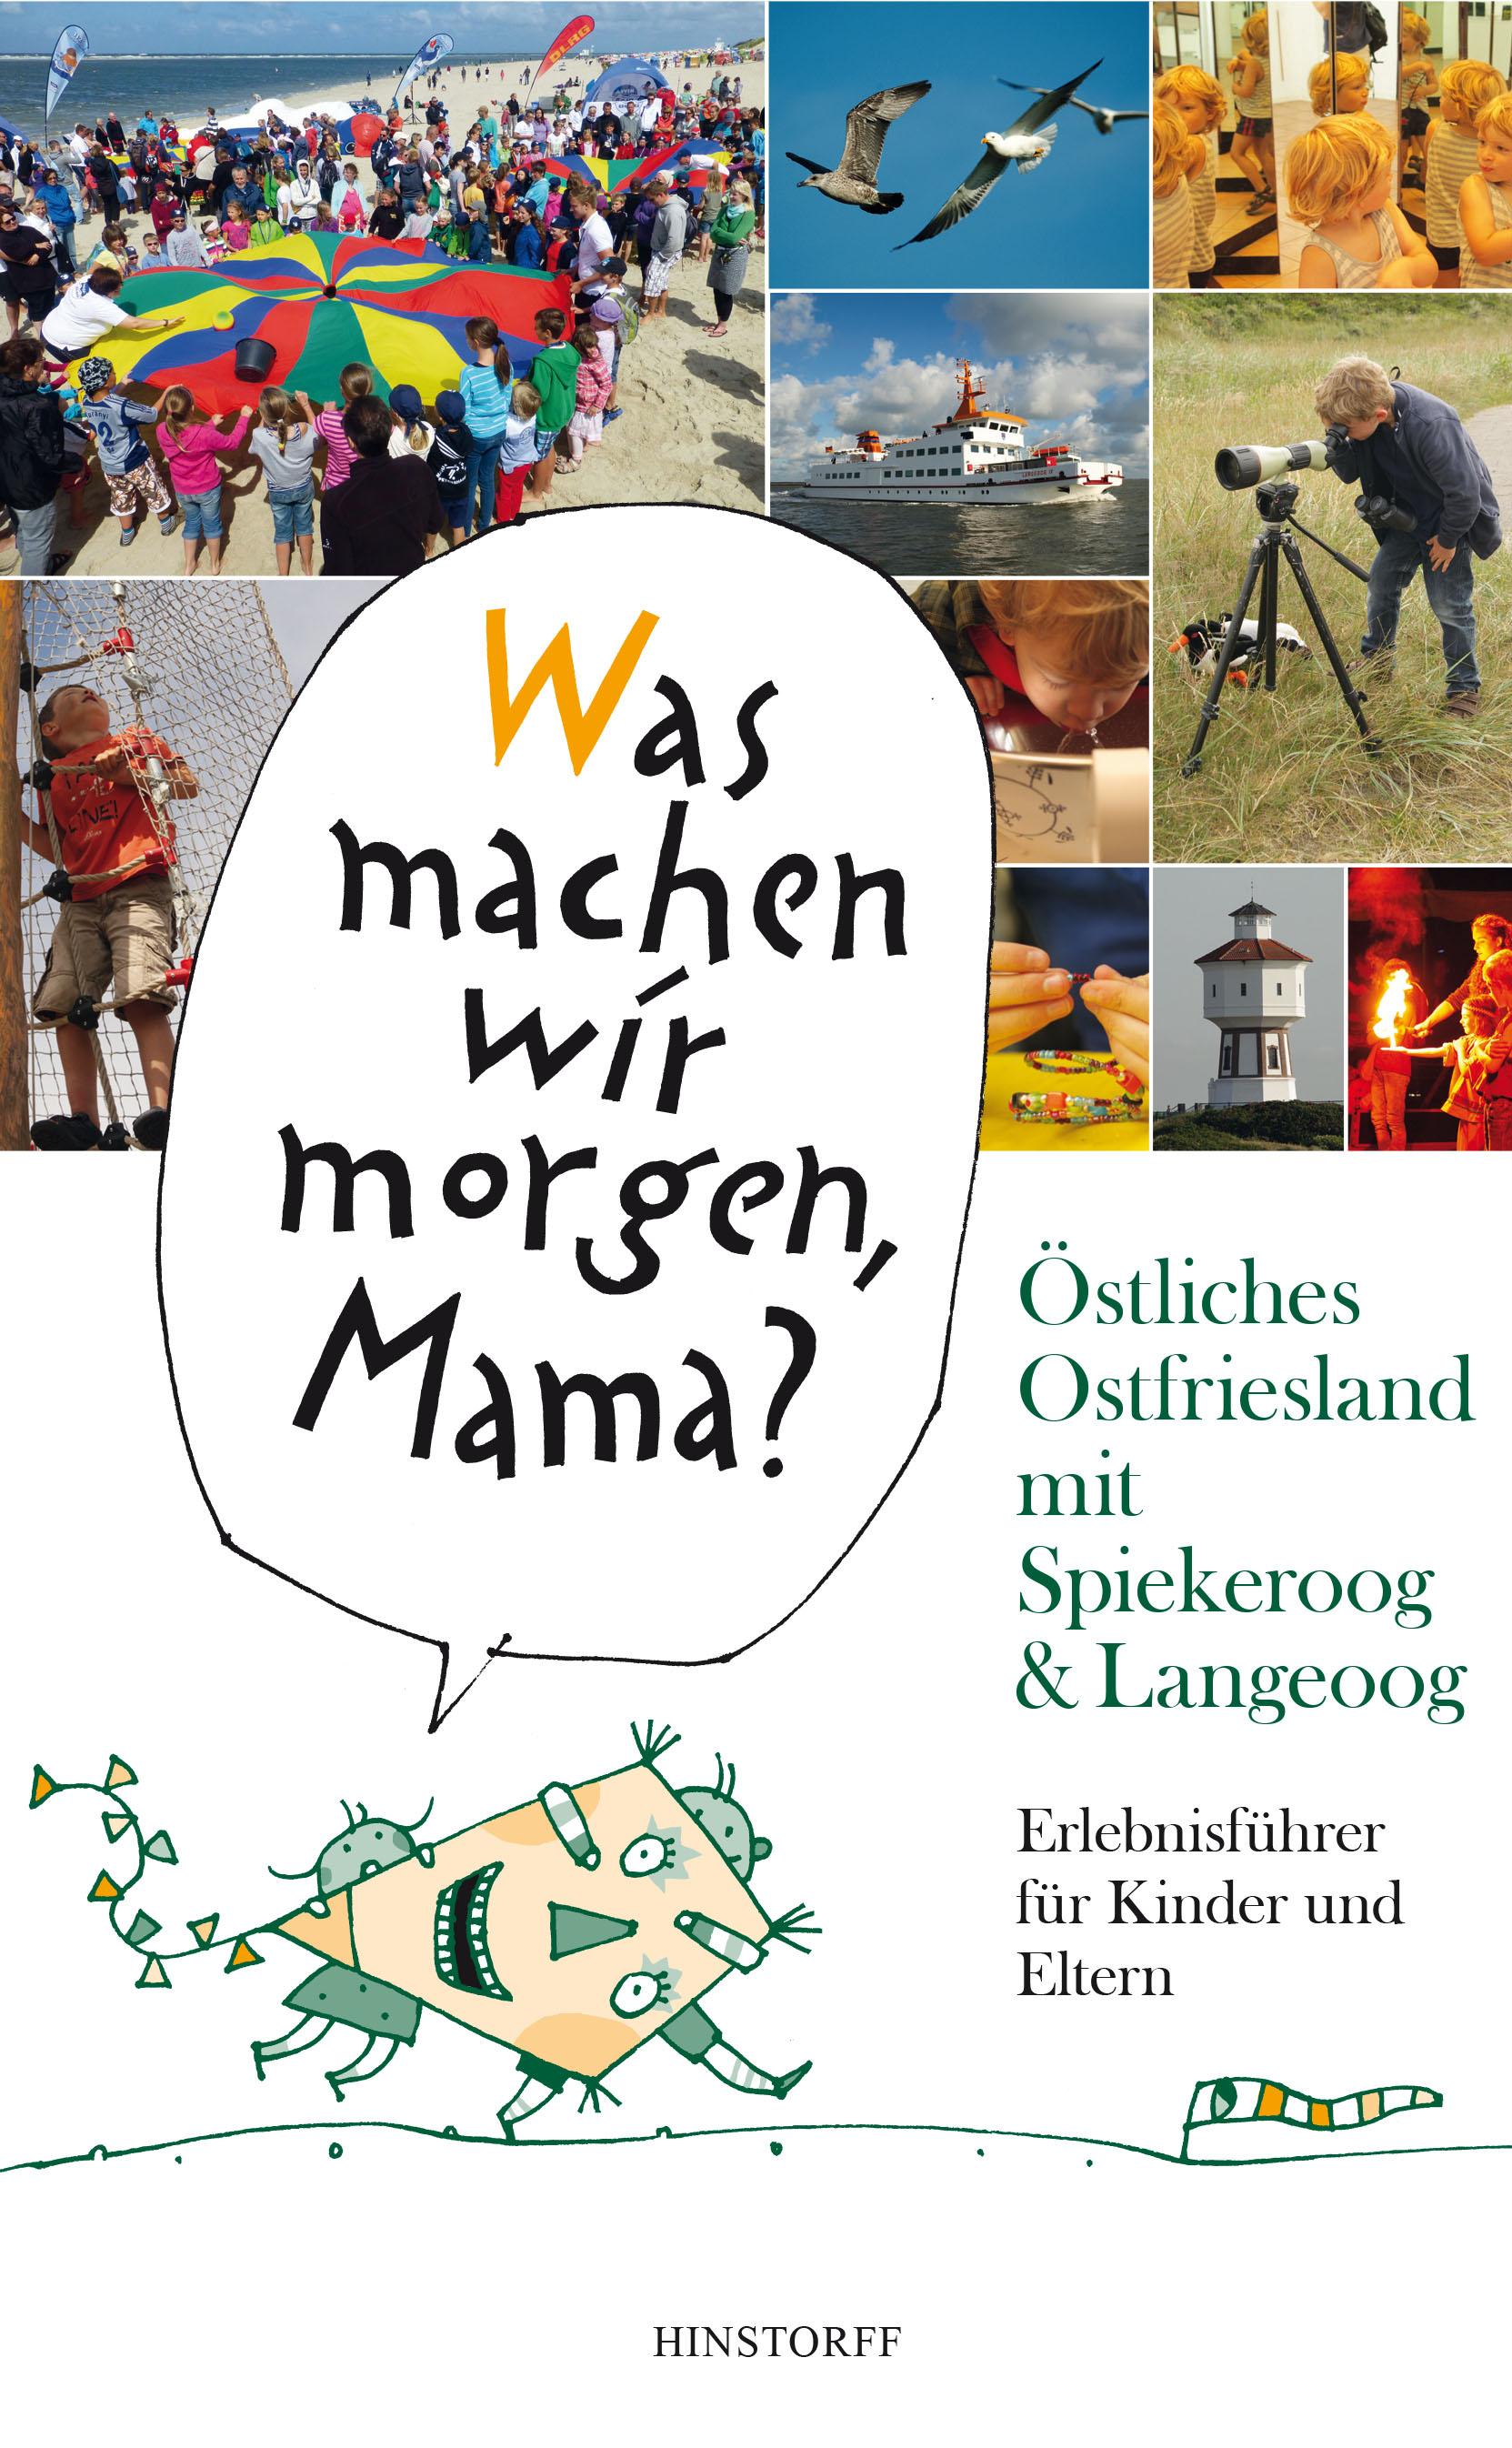 Was machen wir morgen, Mama? Östliches Ostfriesland mit Spiekeroog & Langeoog